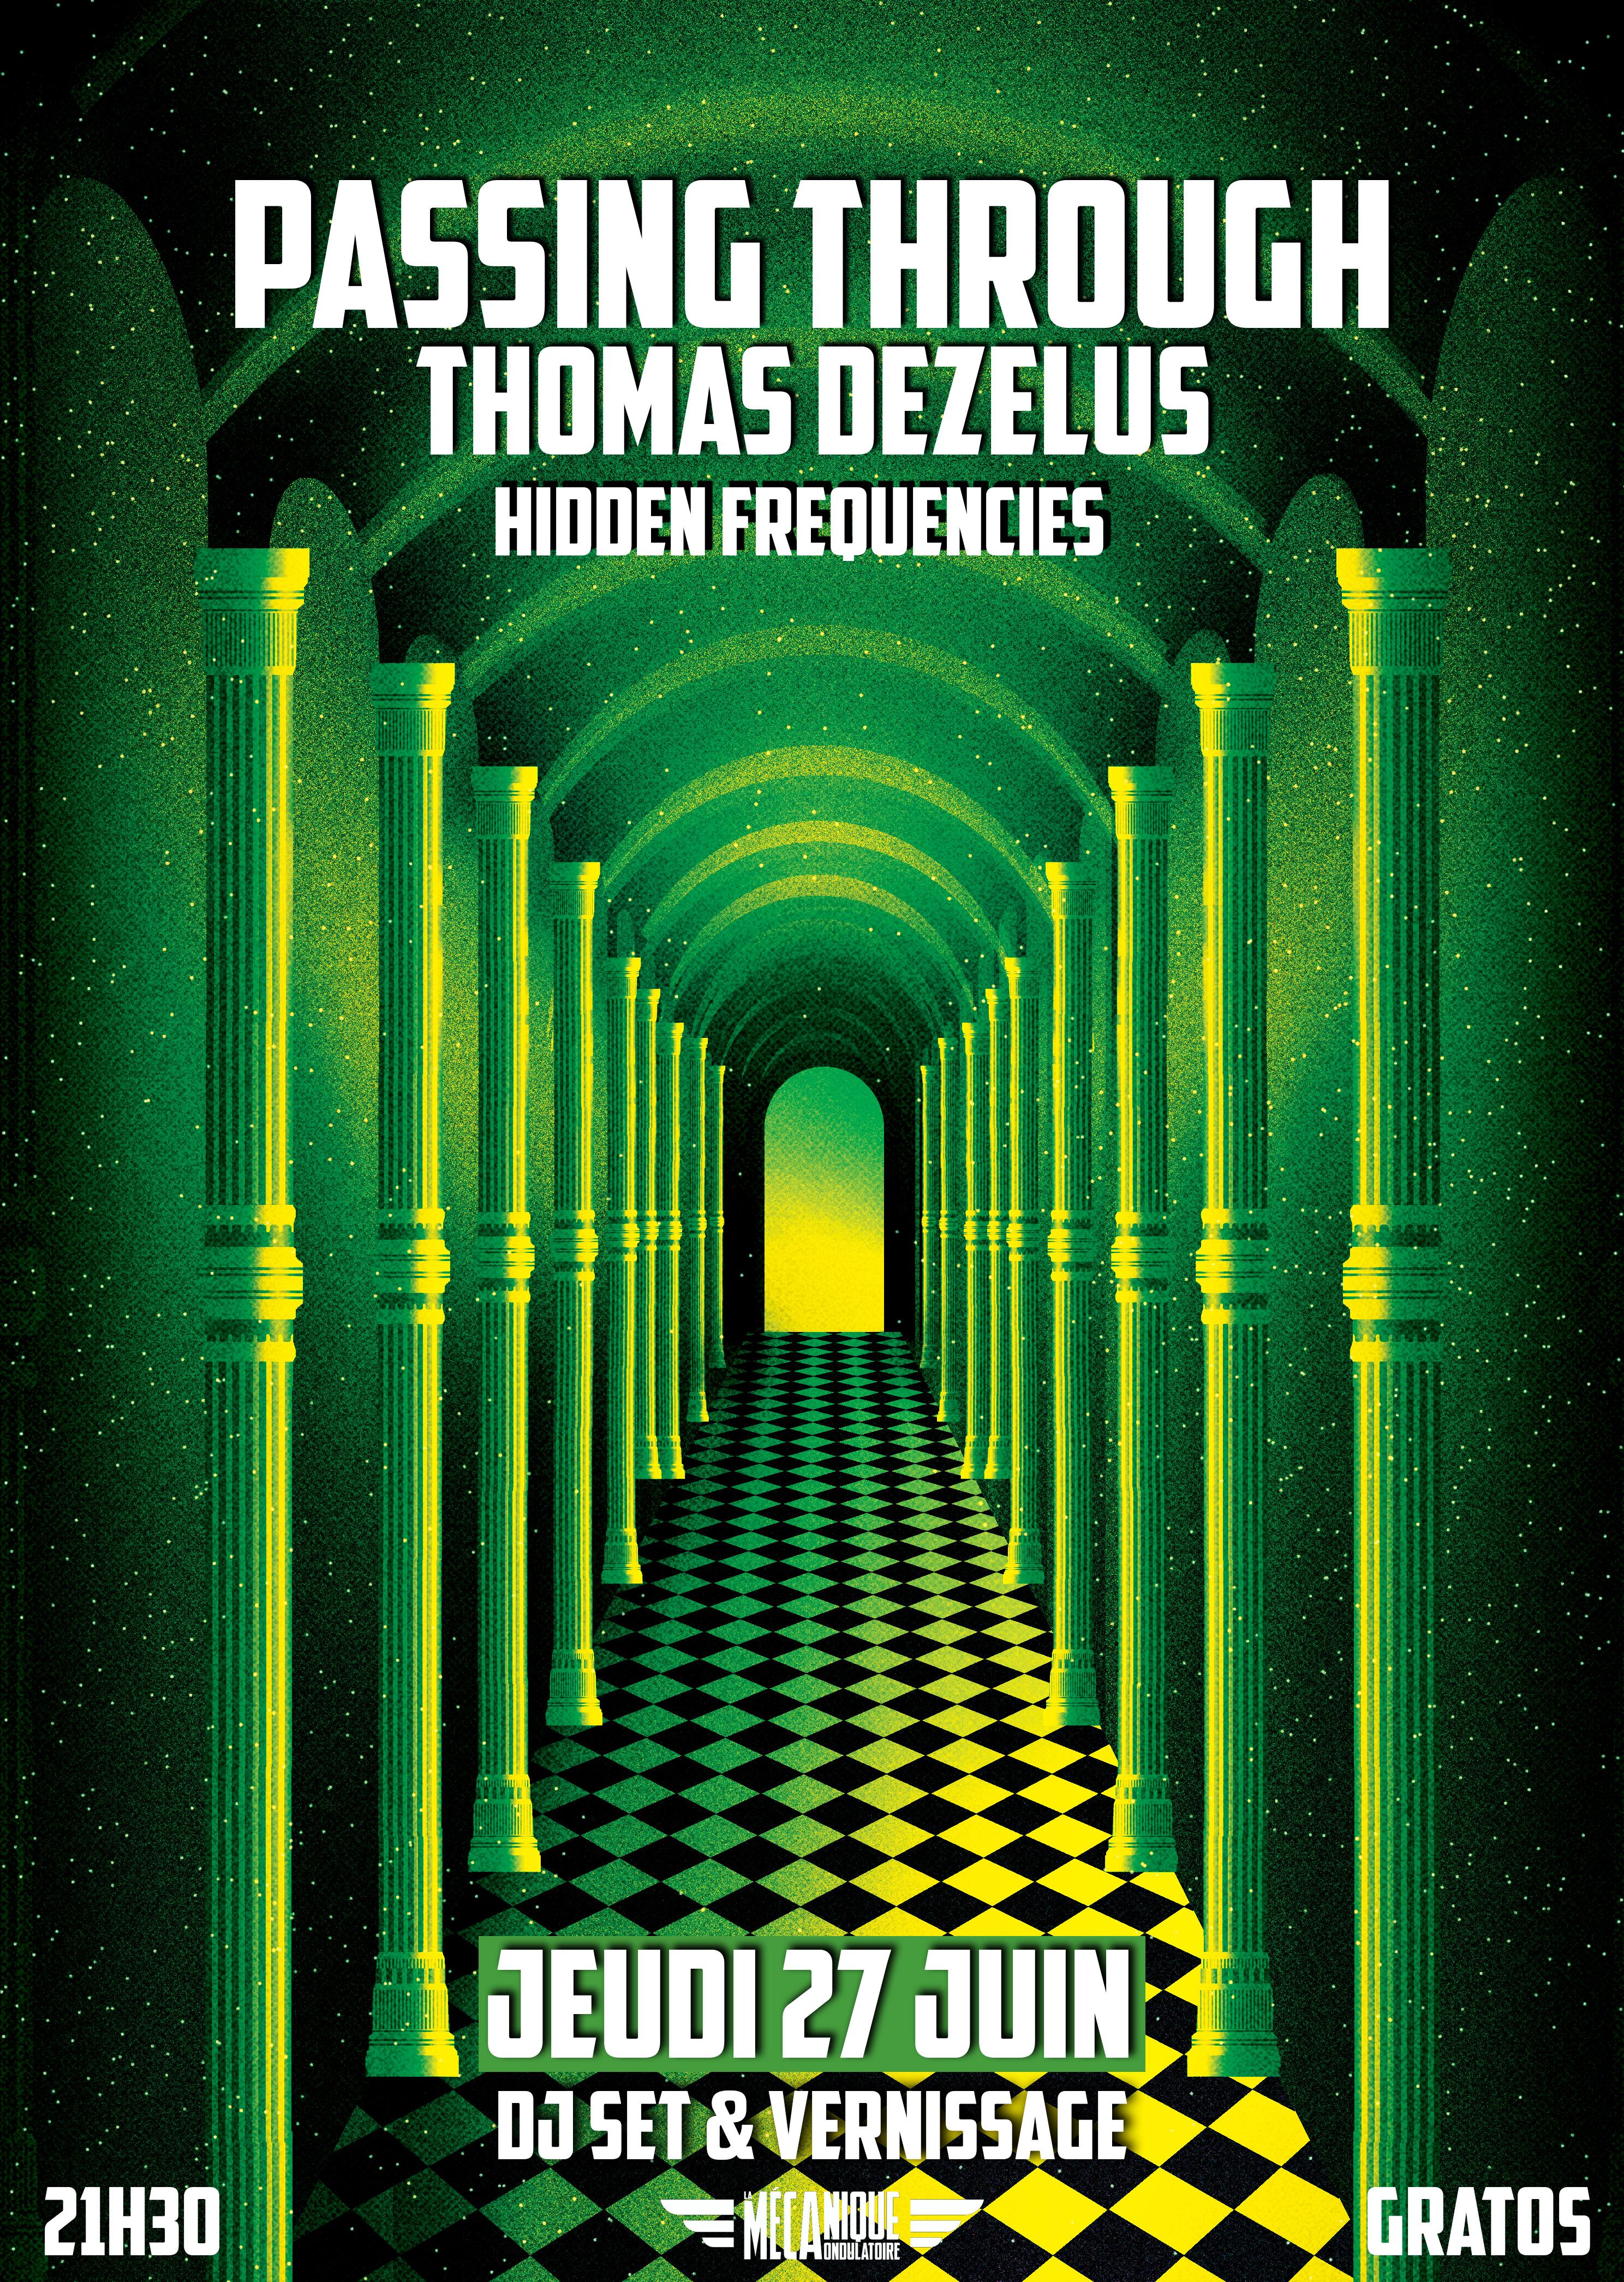 Vernissage de Passing Through par Thomas Dezelus // 27.06